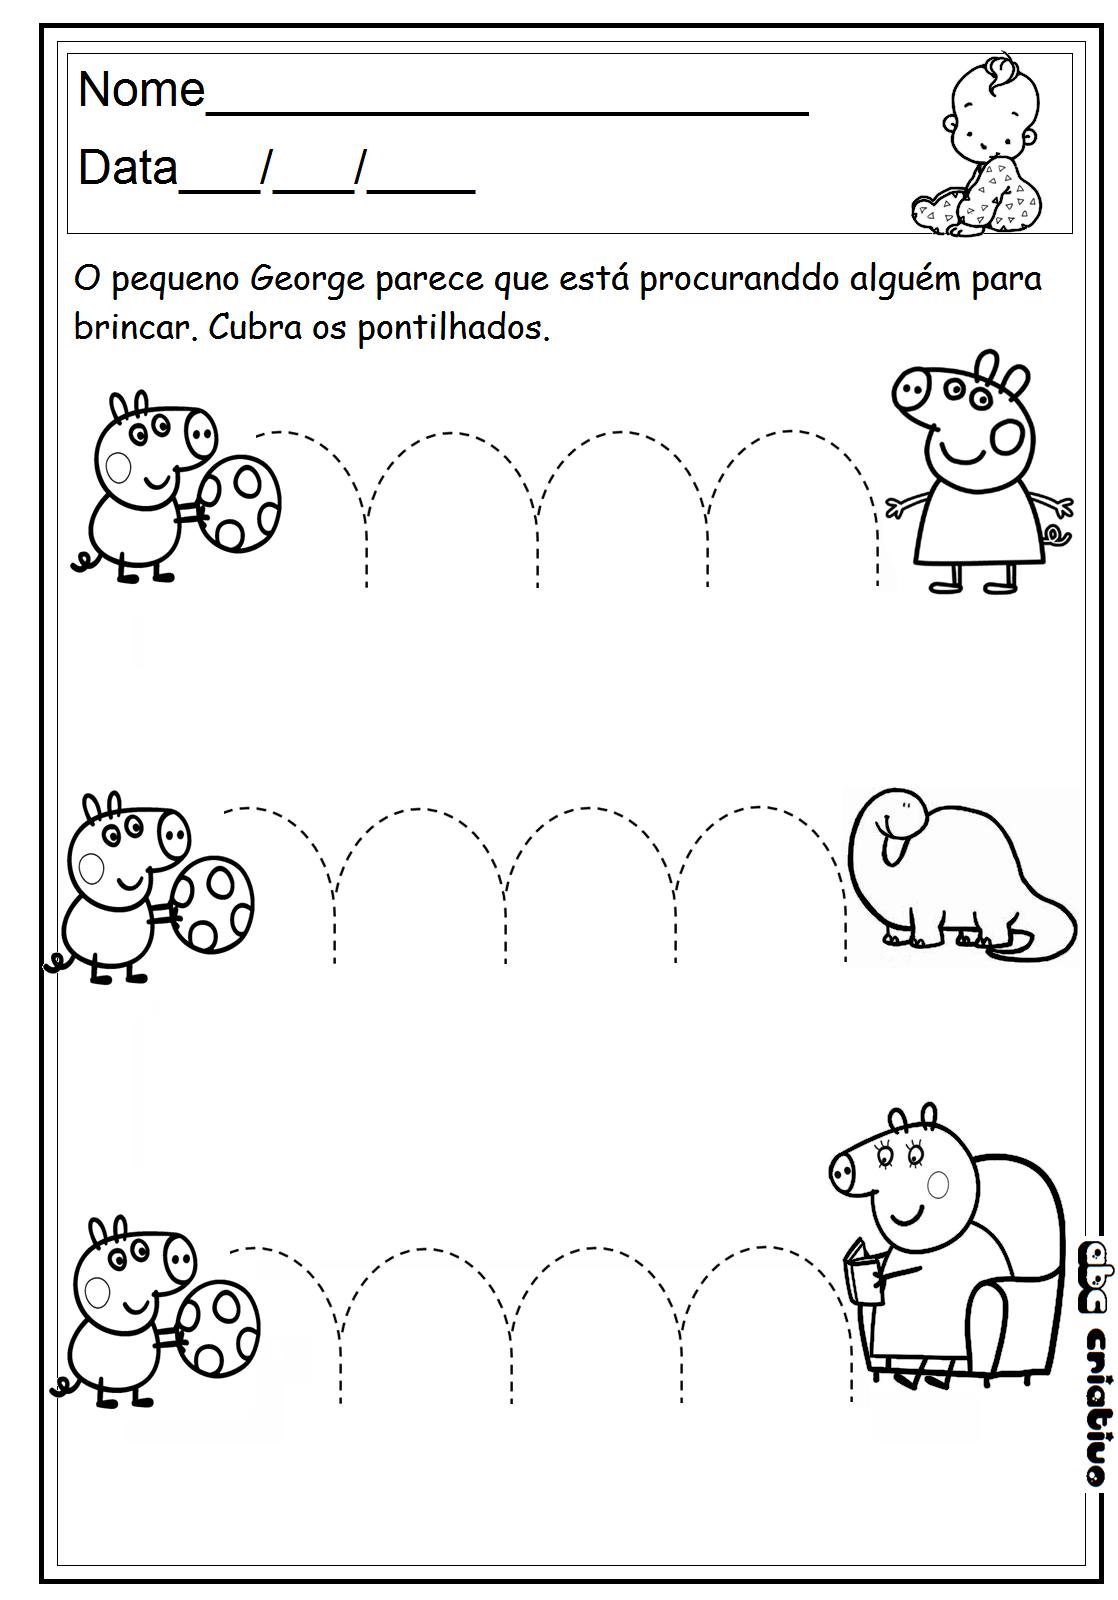 Atividades De Educacao Infantil E Musicalizacao Infantil Maternal